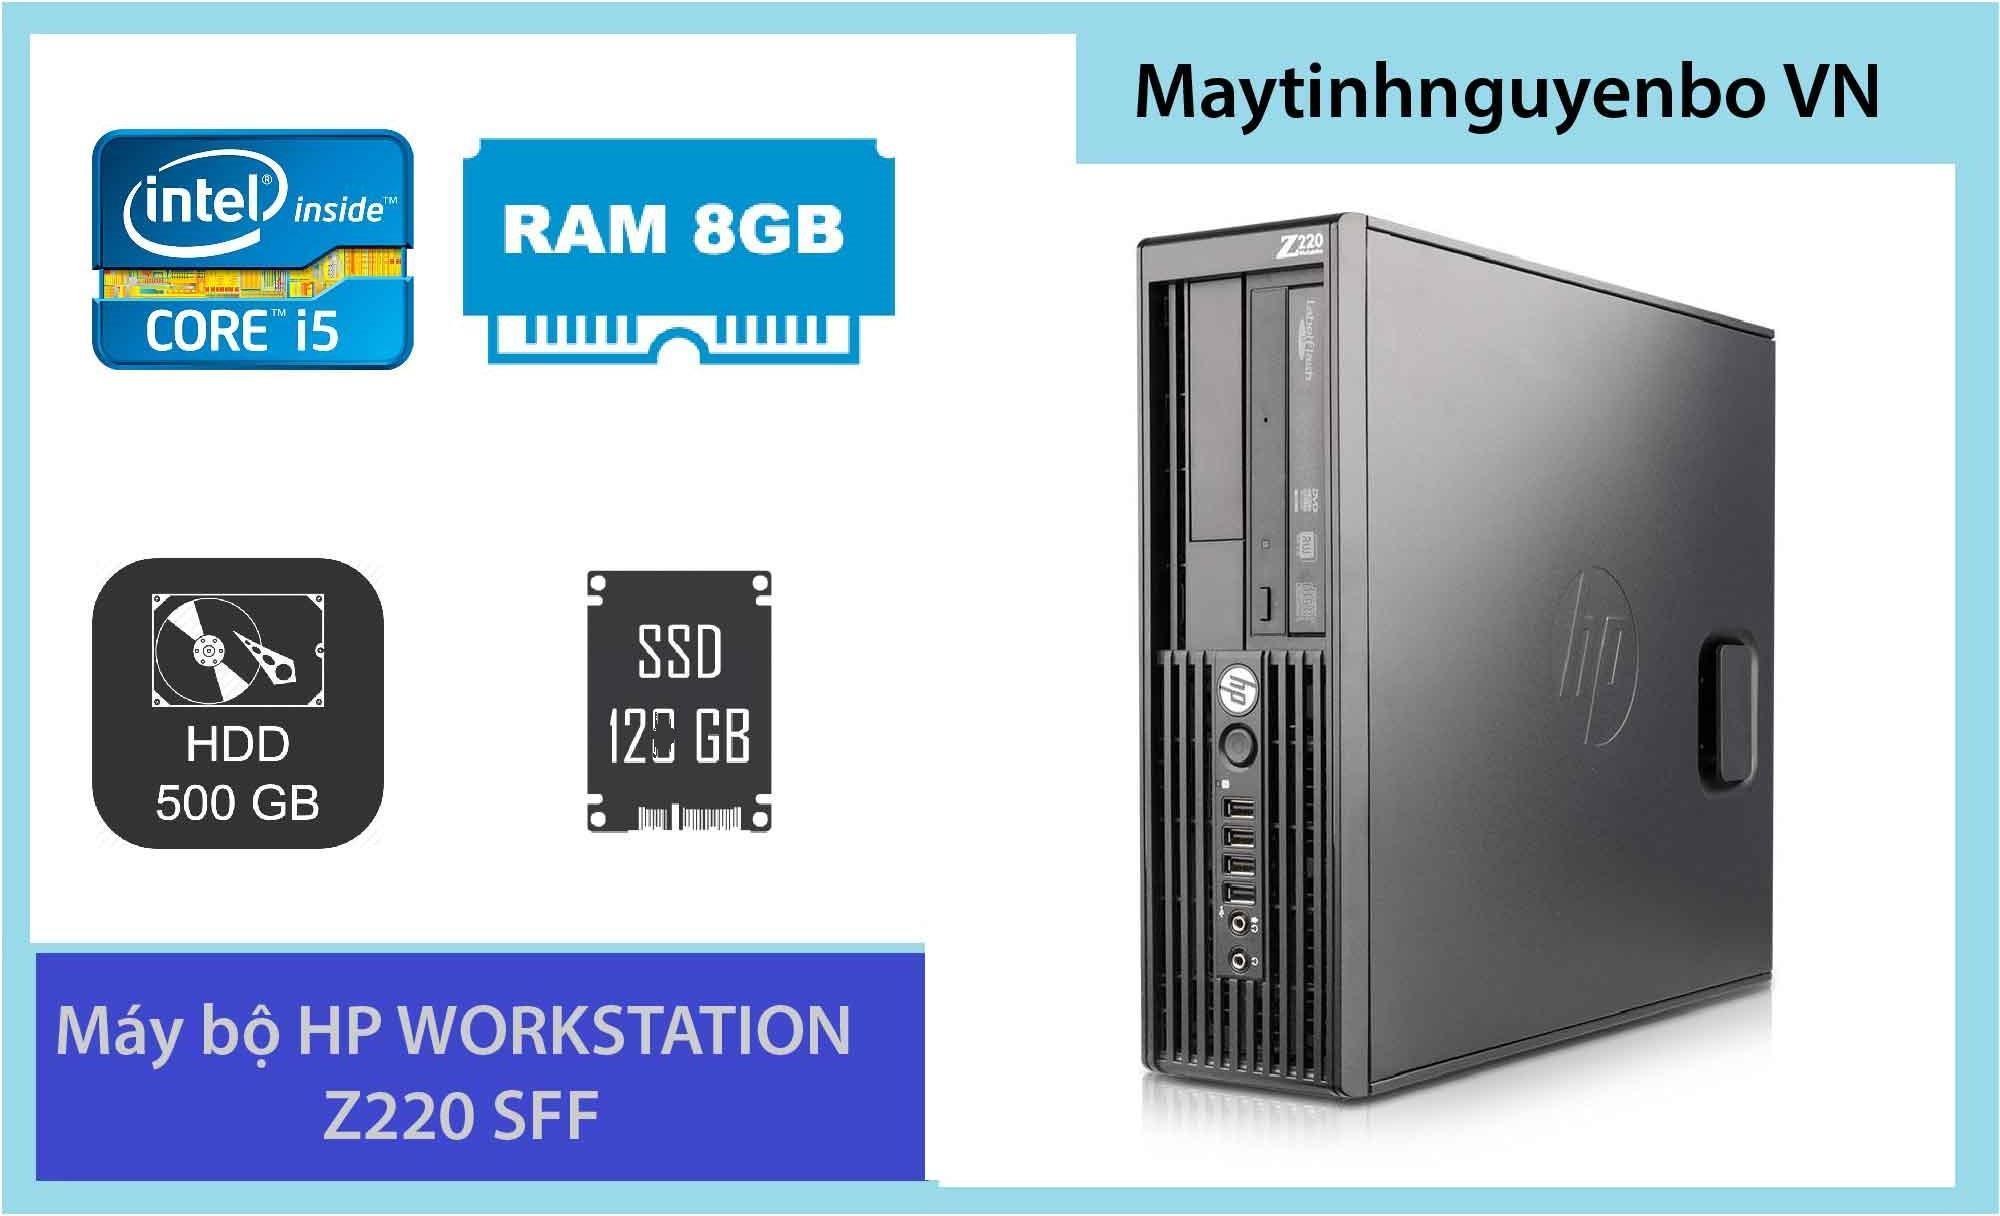 Máy Bộ Hp Workstation Z220 Sff Core I5, Ram Ecc 8gb, Ssd 120gb & Hdd 500gb By Maytinhnguyenbo Vn.